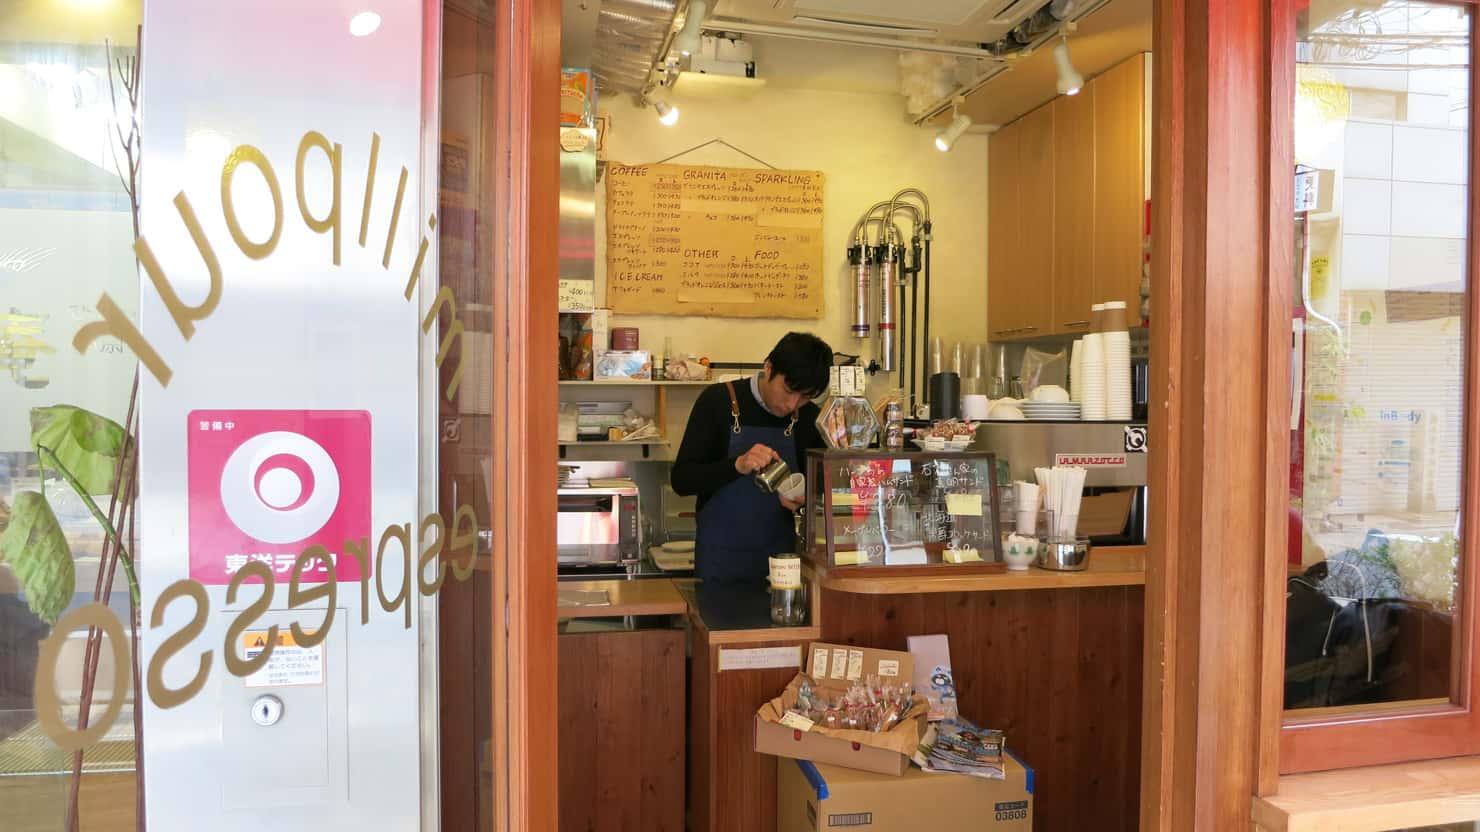 ร้านกาแฟในโอซาก้า - Mill Pour